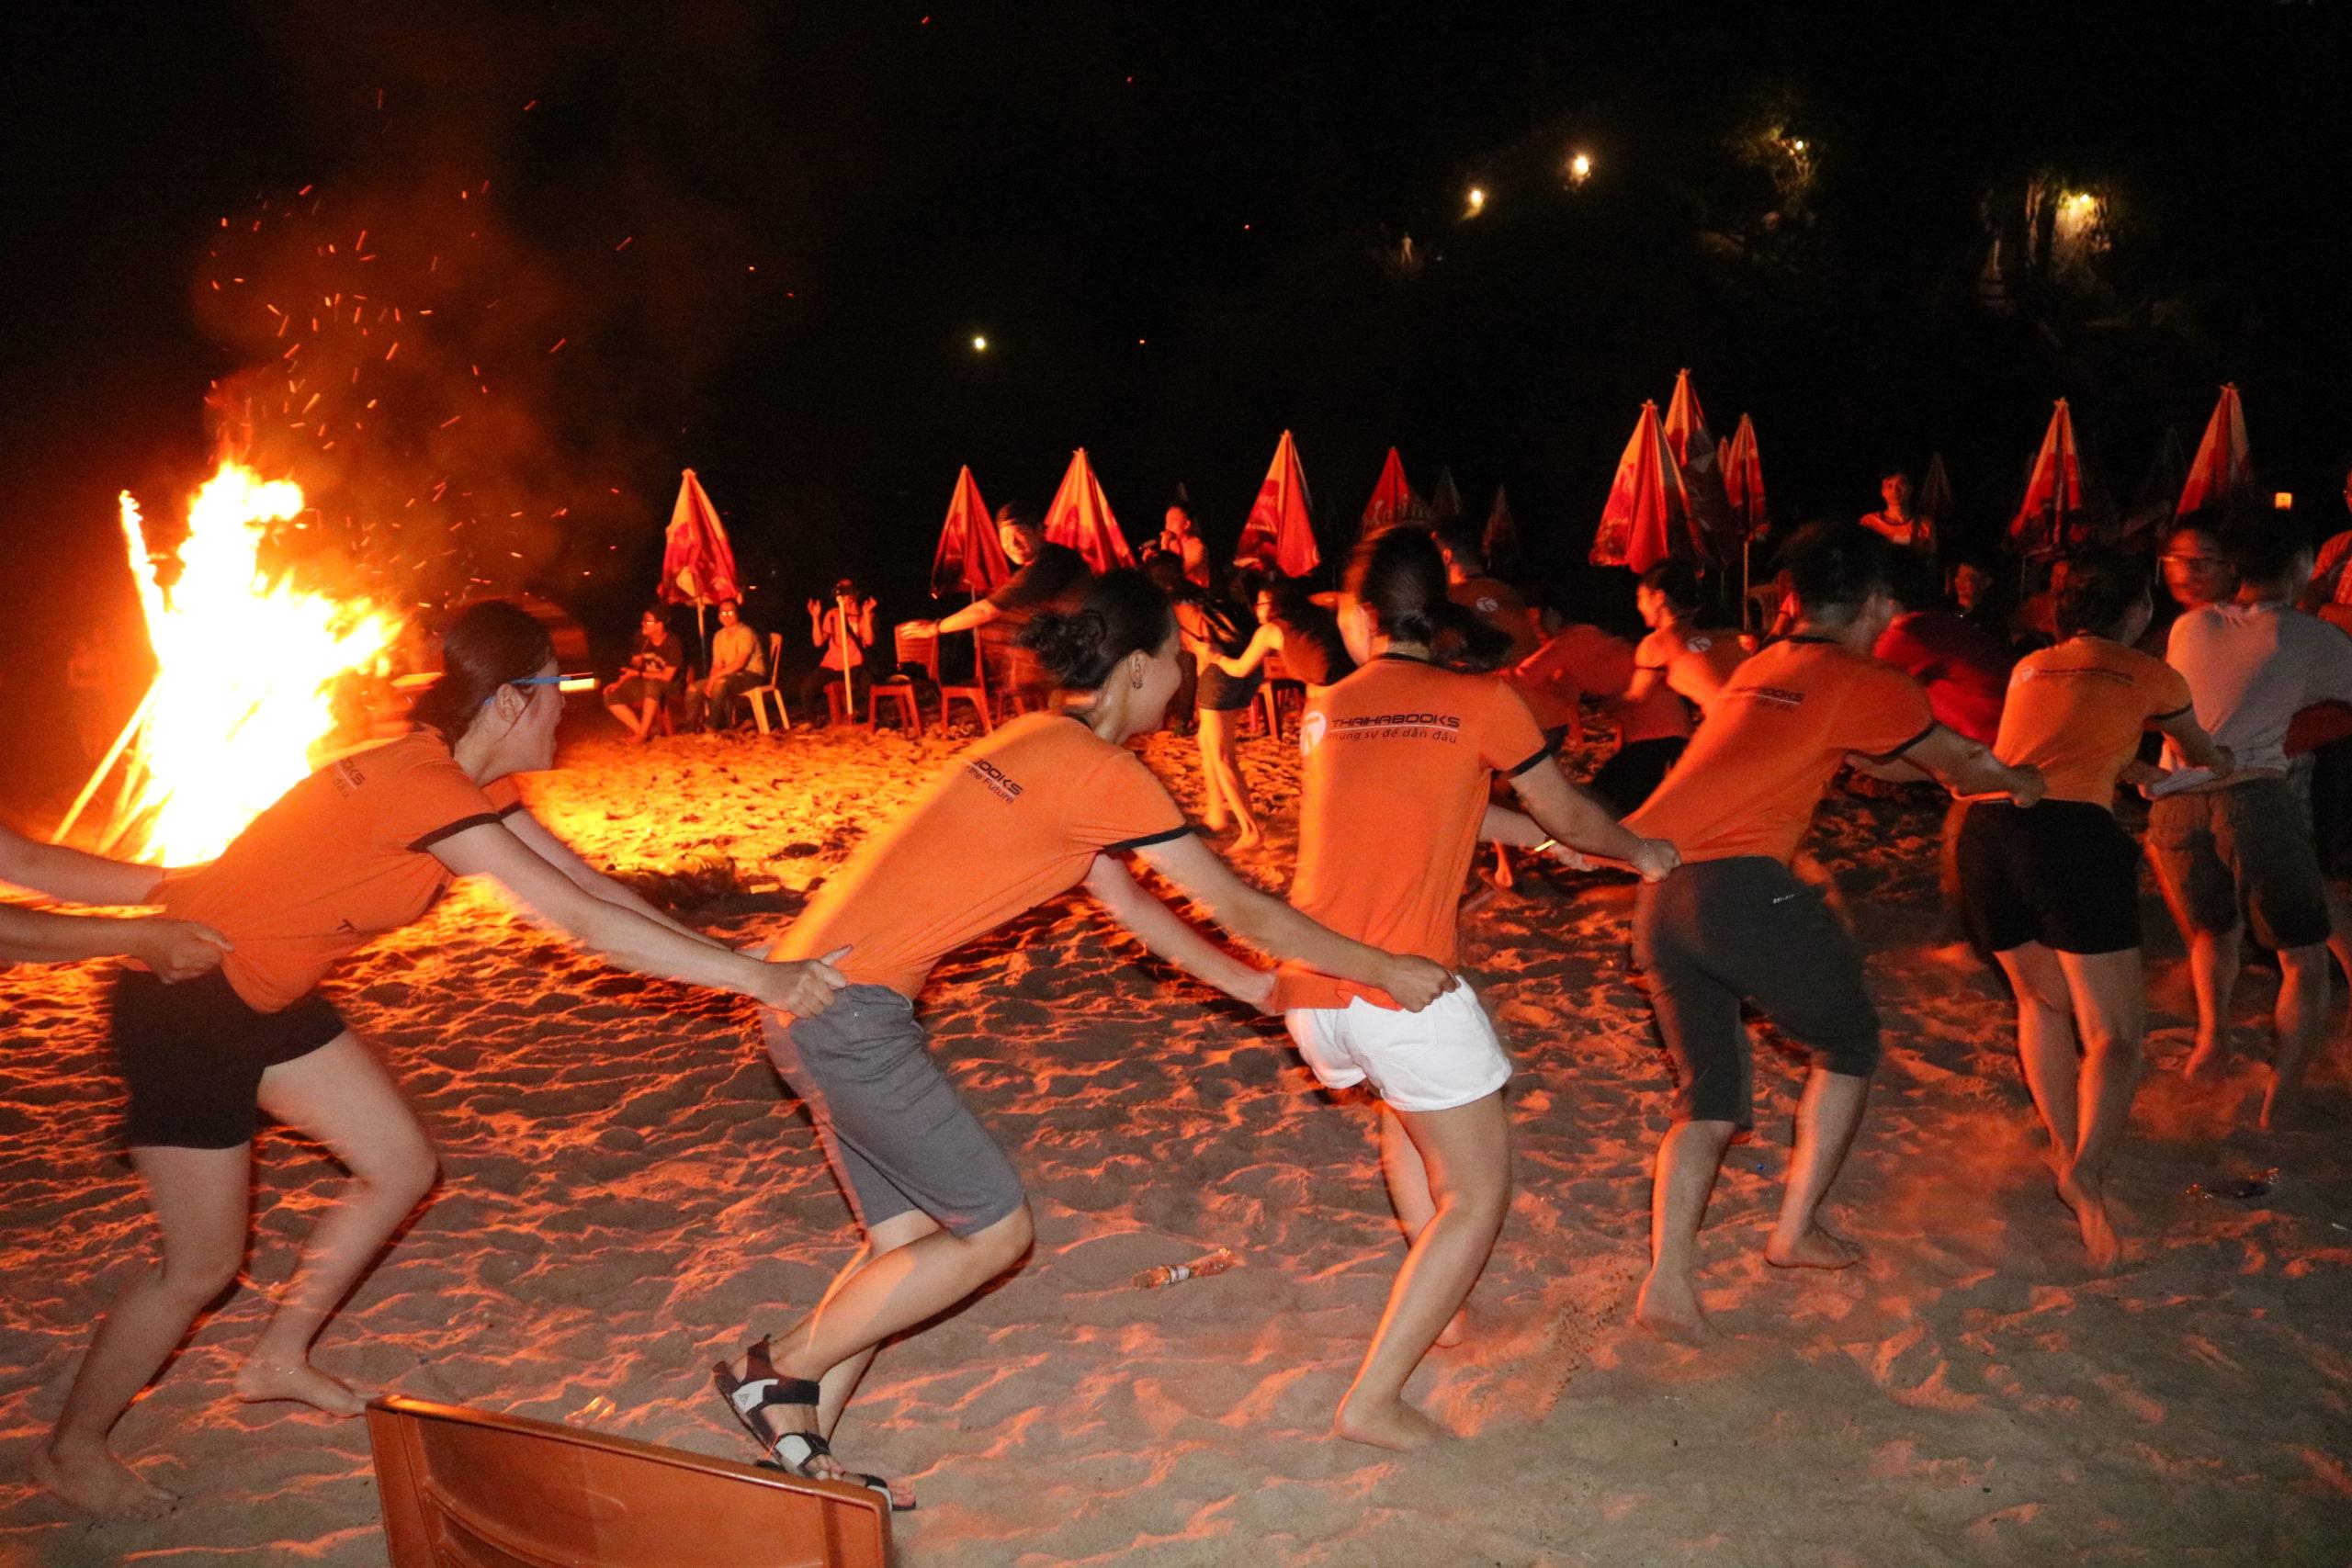 Màu cam làm sáng cả màn đêm vùng đảo Cát Bà